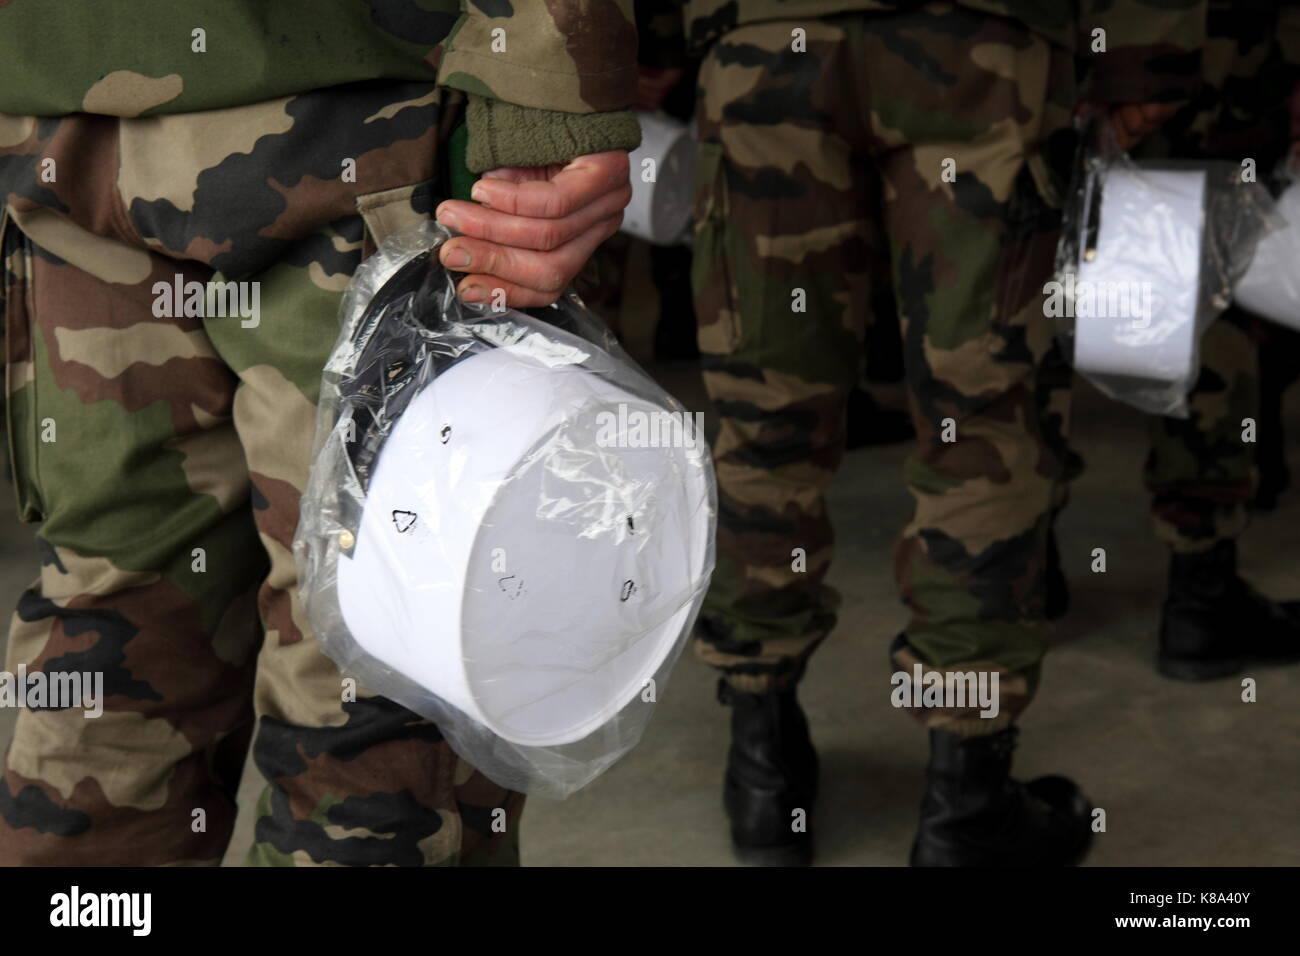 Banjoman 1:6 SCALA Personalizzati Legione Straniera Francese KEPI BLANC